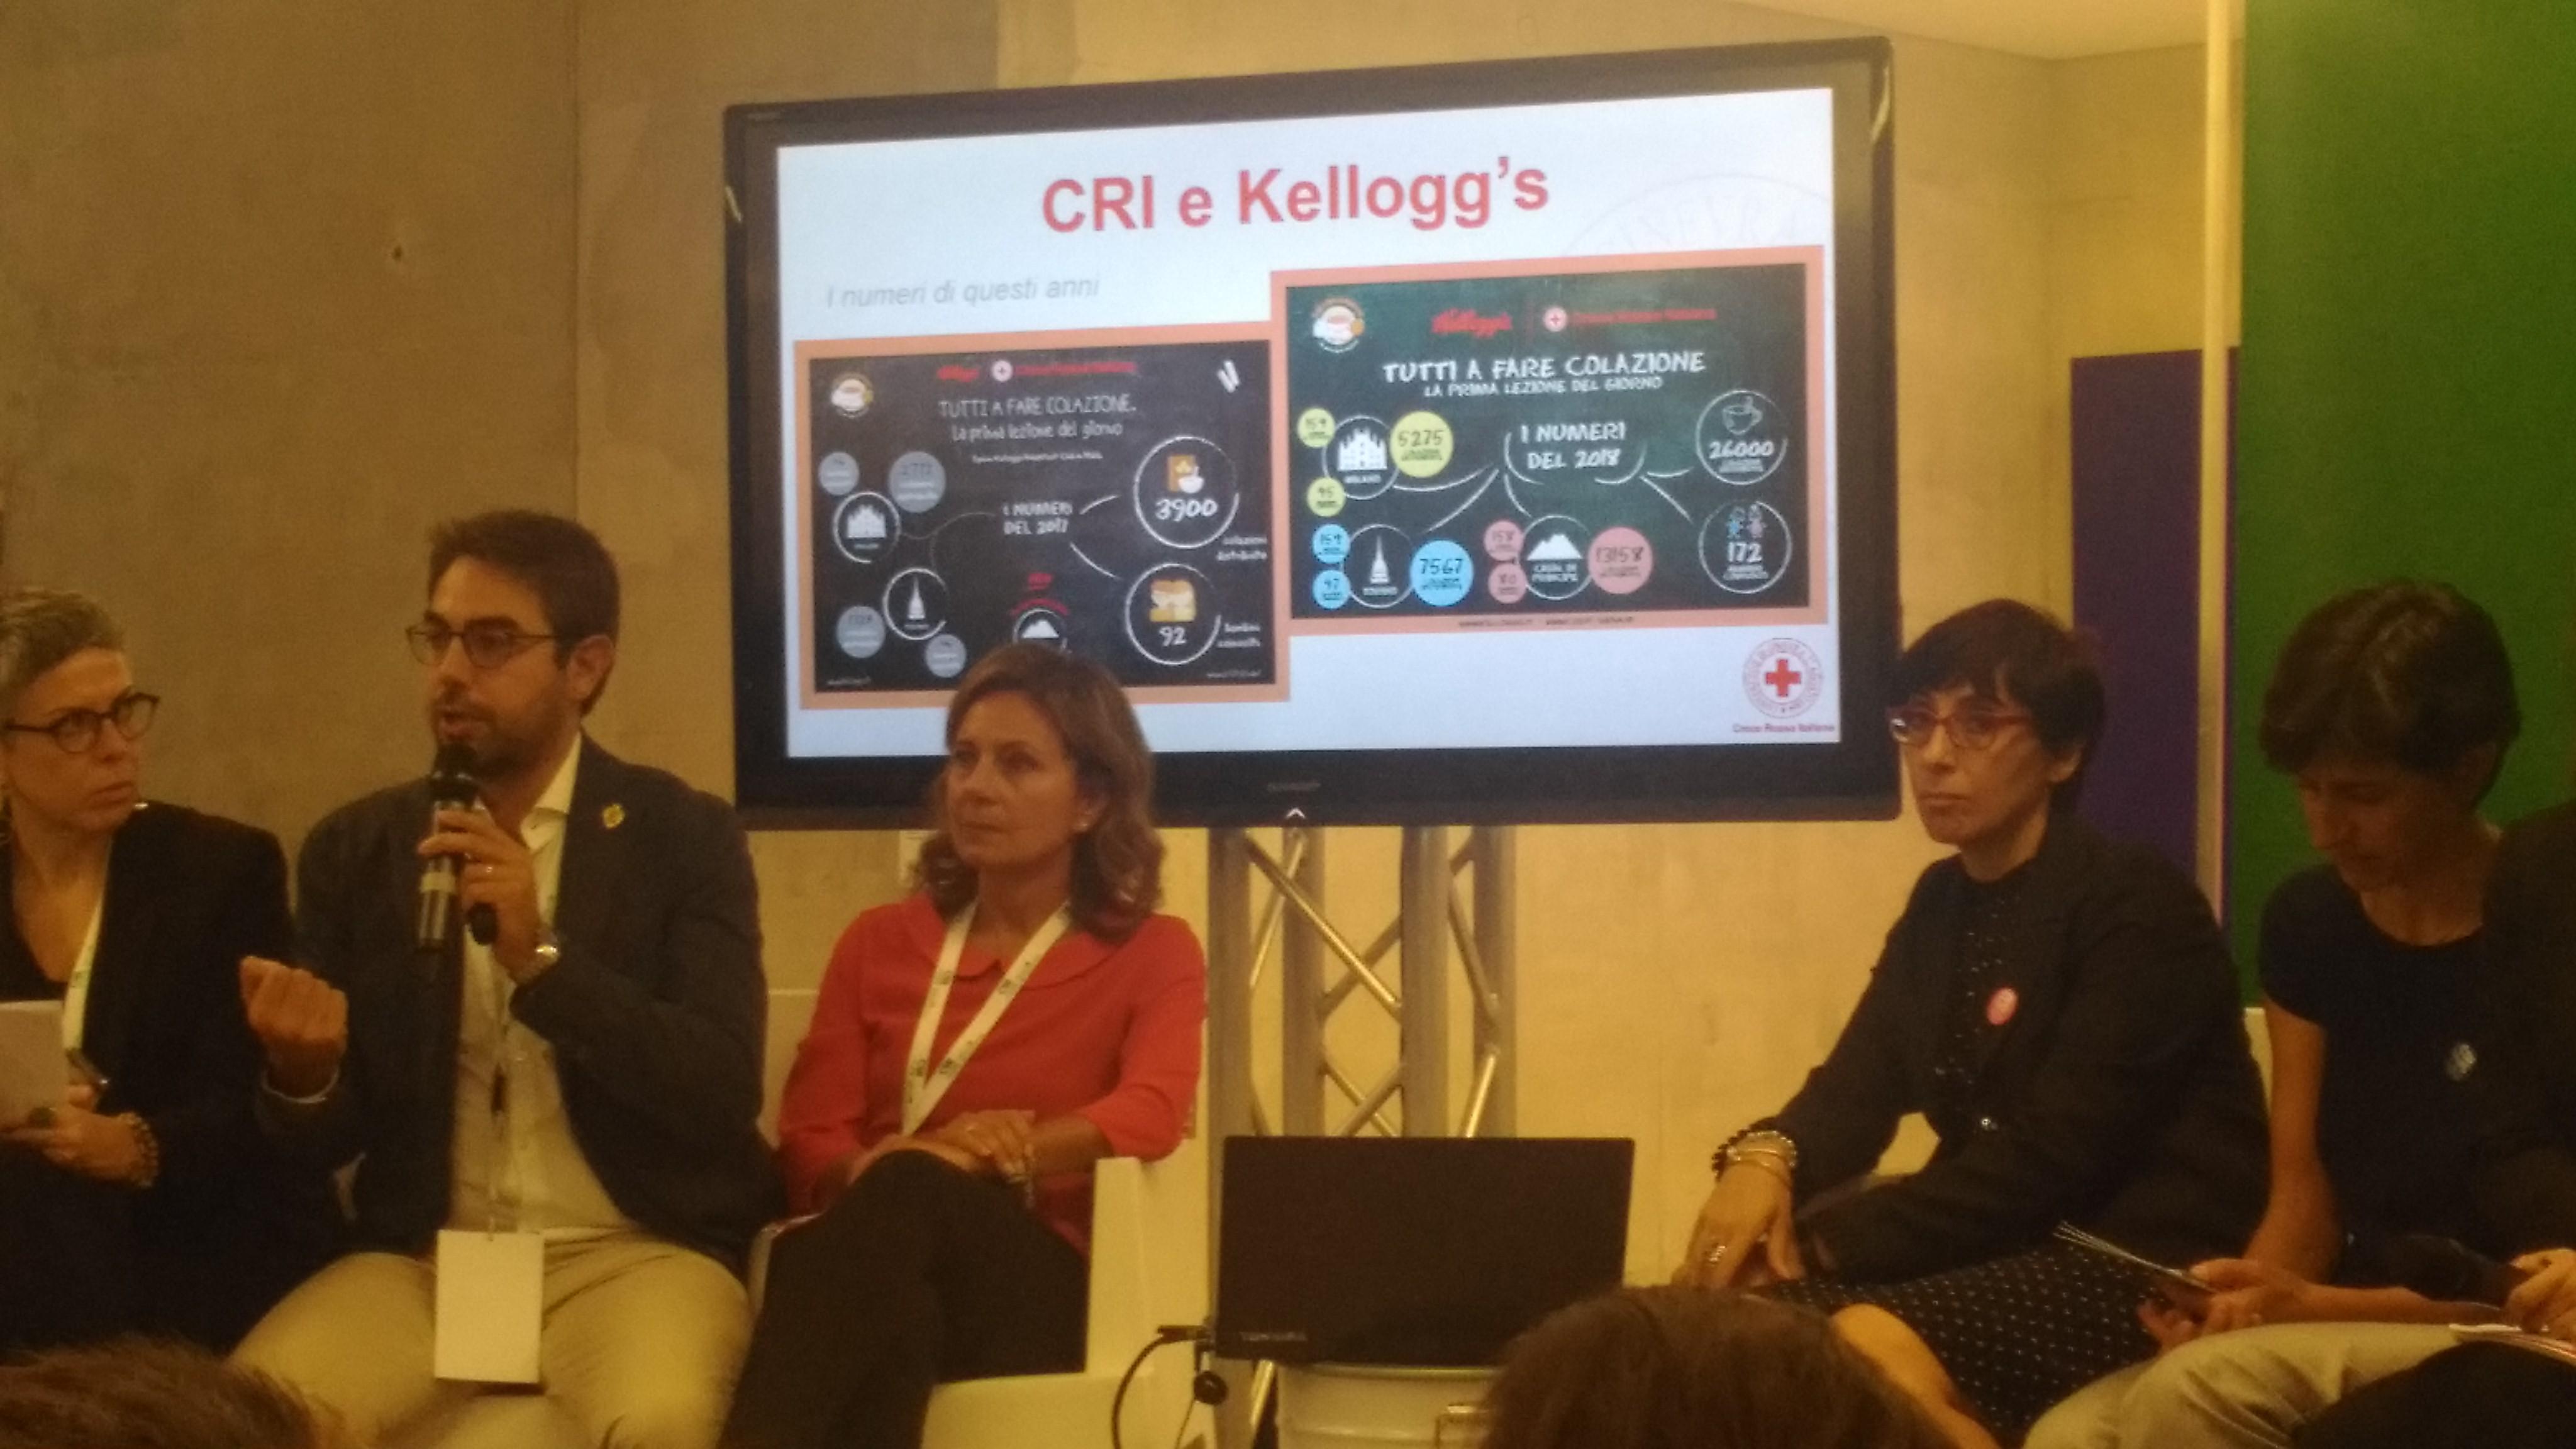 """Croce Rossa al Salone della Csr e dell'innovazione sociale. Bellocchi: """"Accanto ai bambini per rispondere alle loro esigenze primarie"""""""